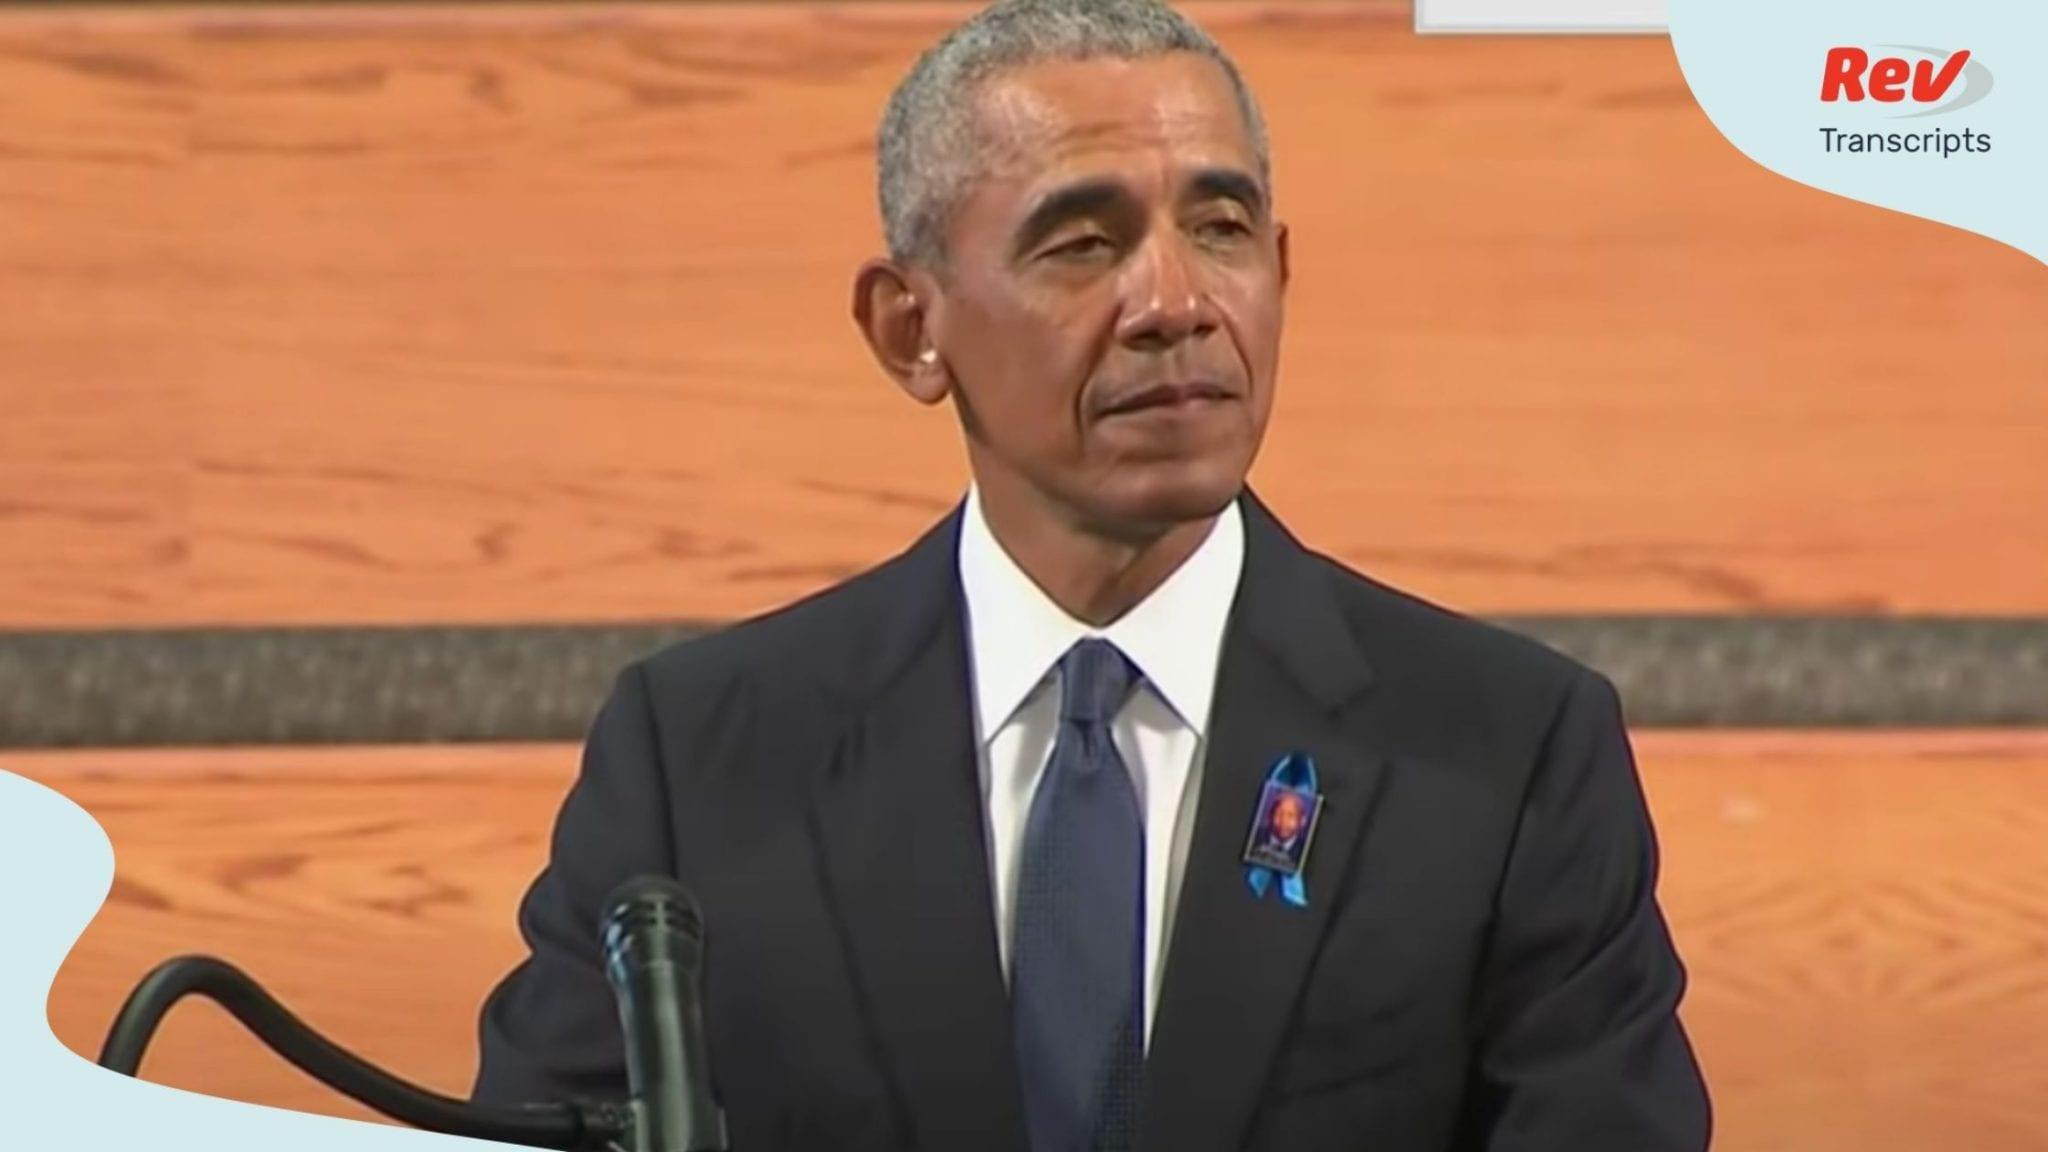 Barack Obama Eulogy Transcript at John Lewis Funeral July 30